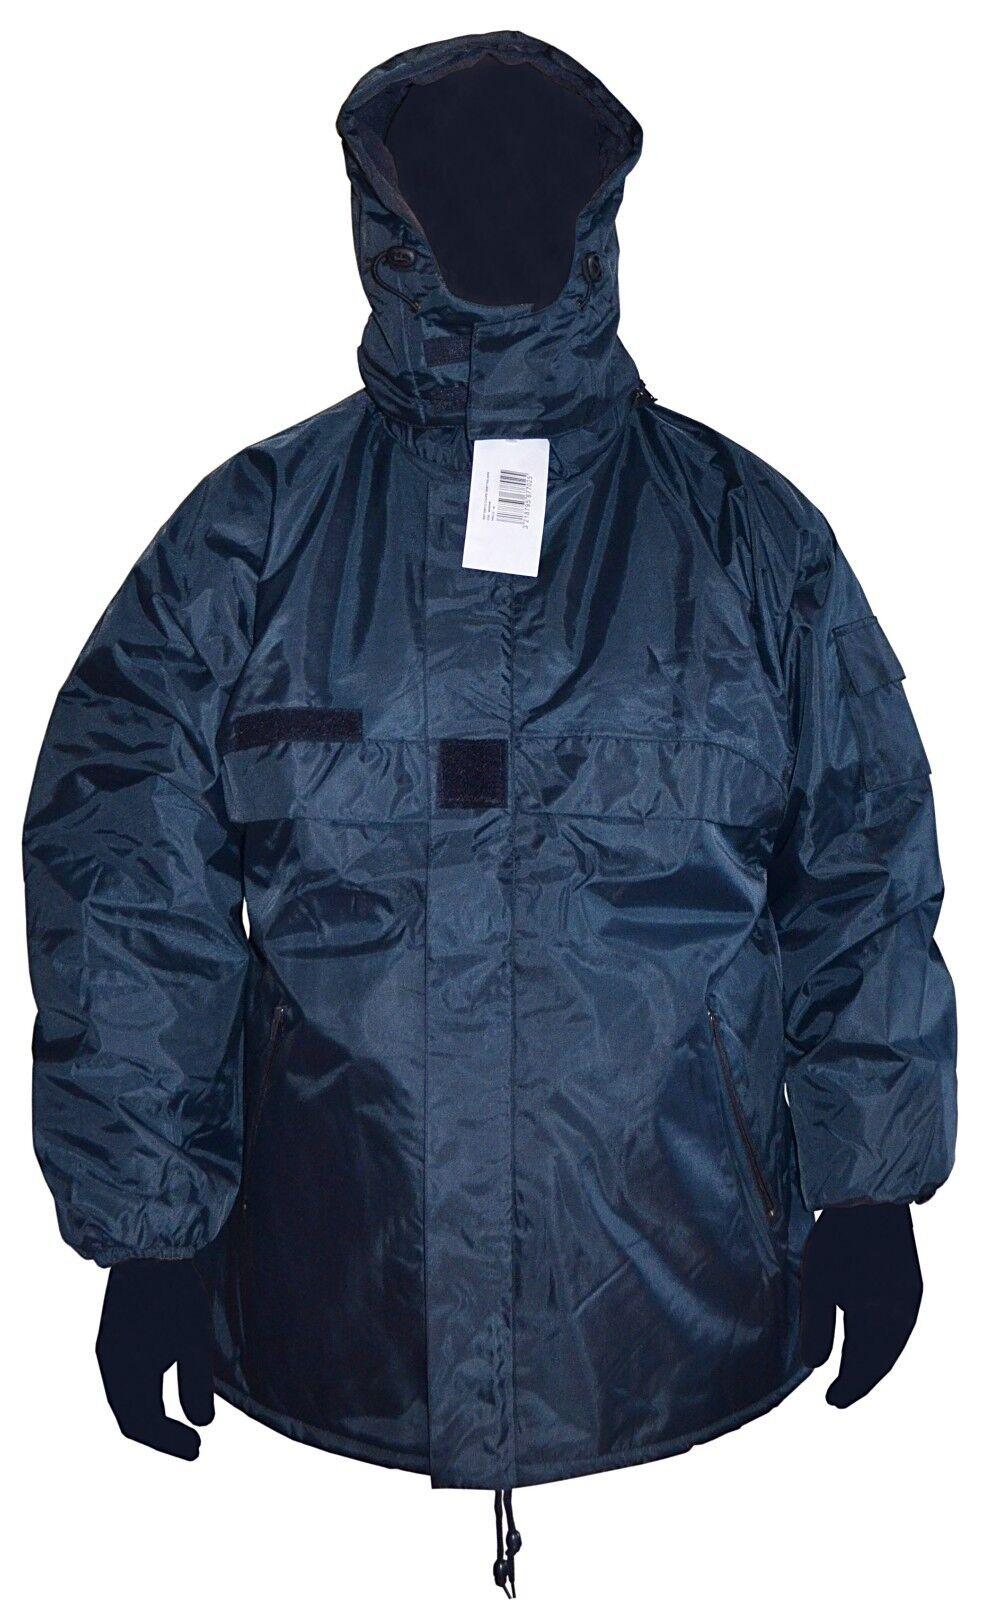 Blouson Parka coupe vent doublé polaire avec capuche amovible - size XXL NEUF